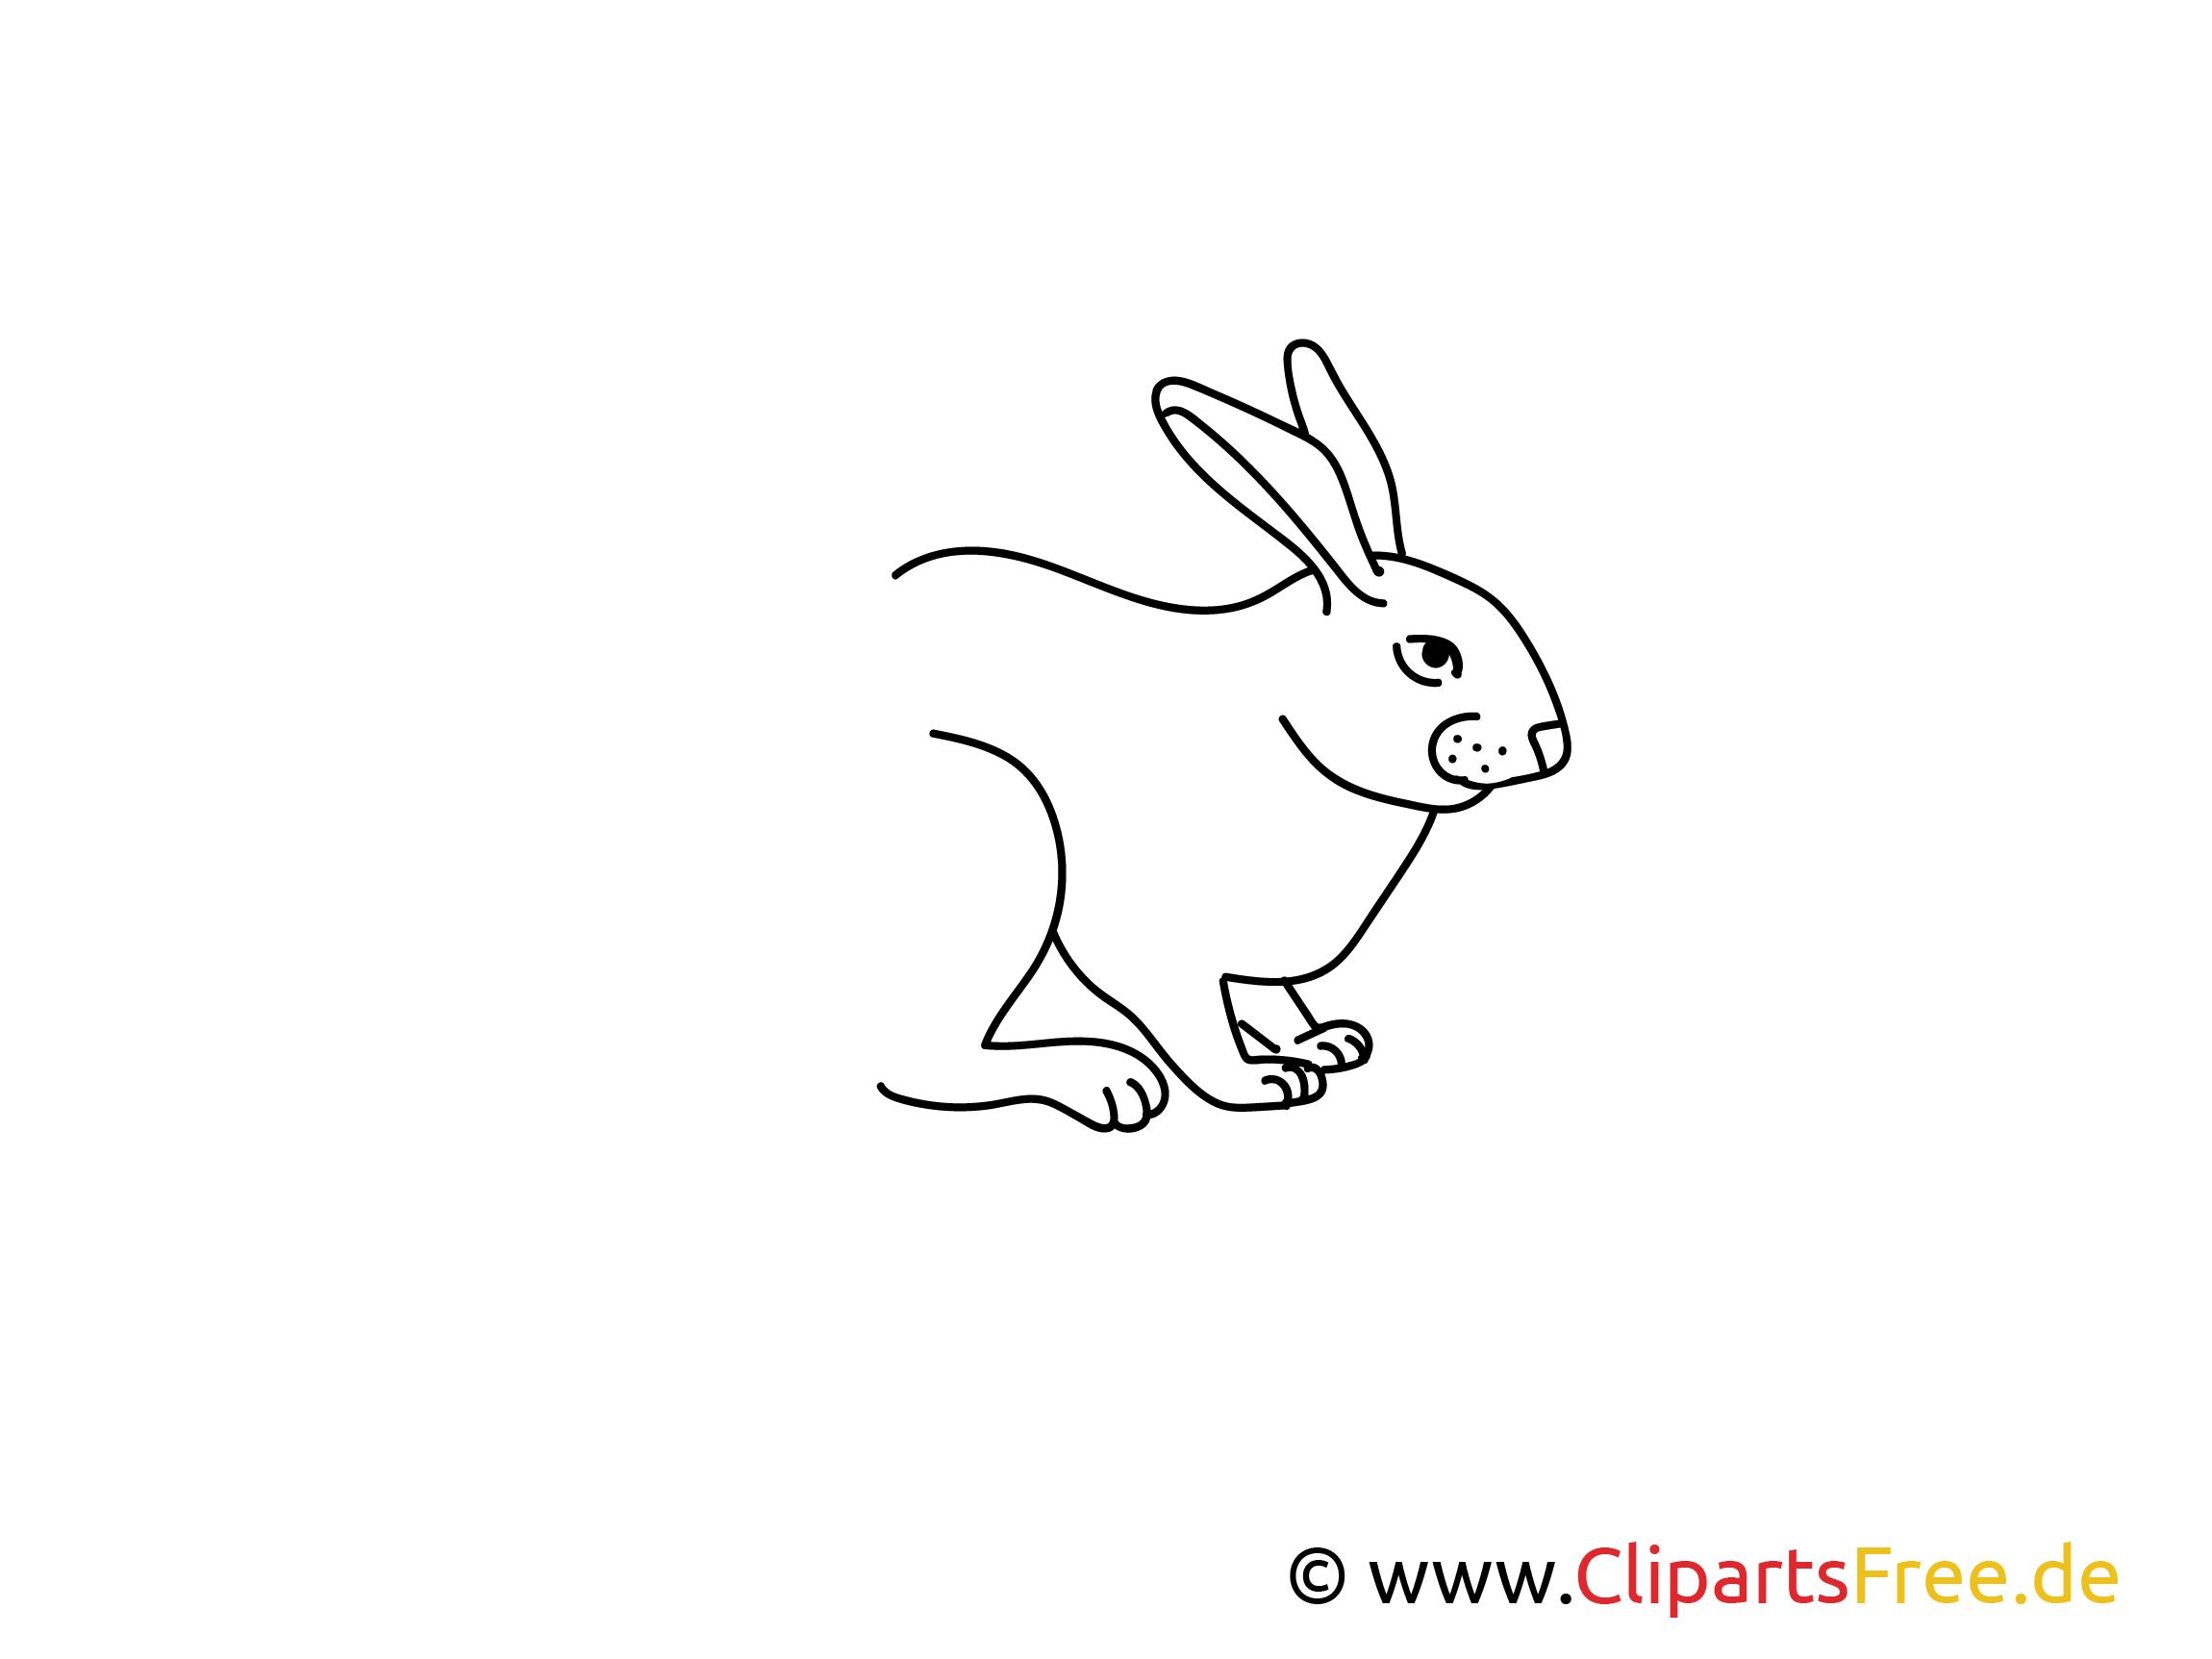 kaninchen einfache weitermalmalvorlage